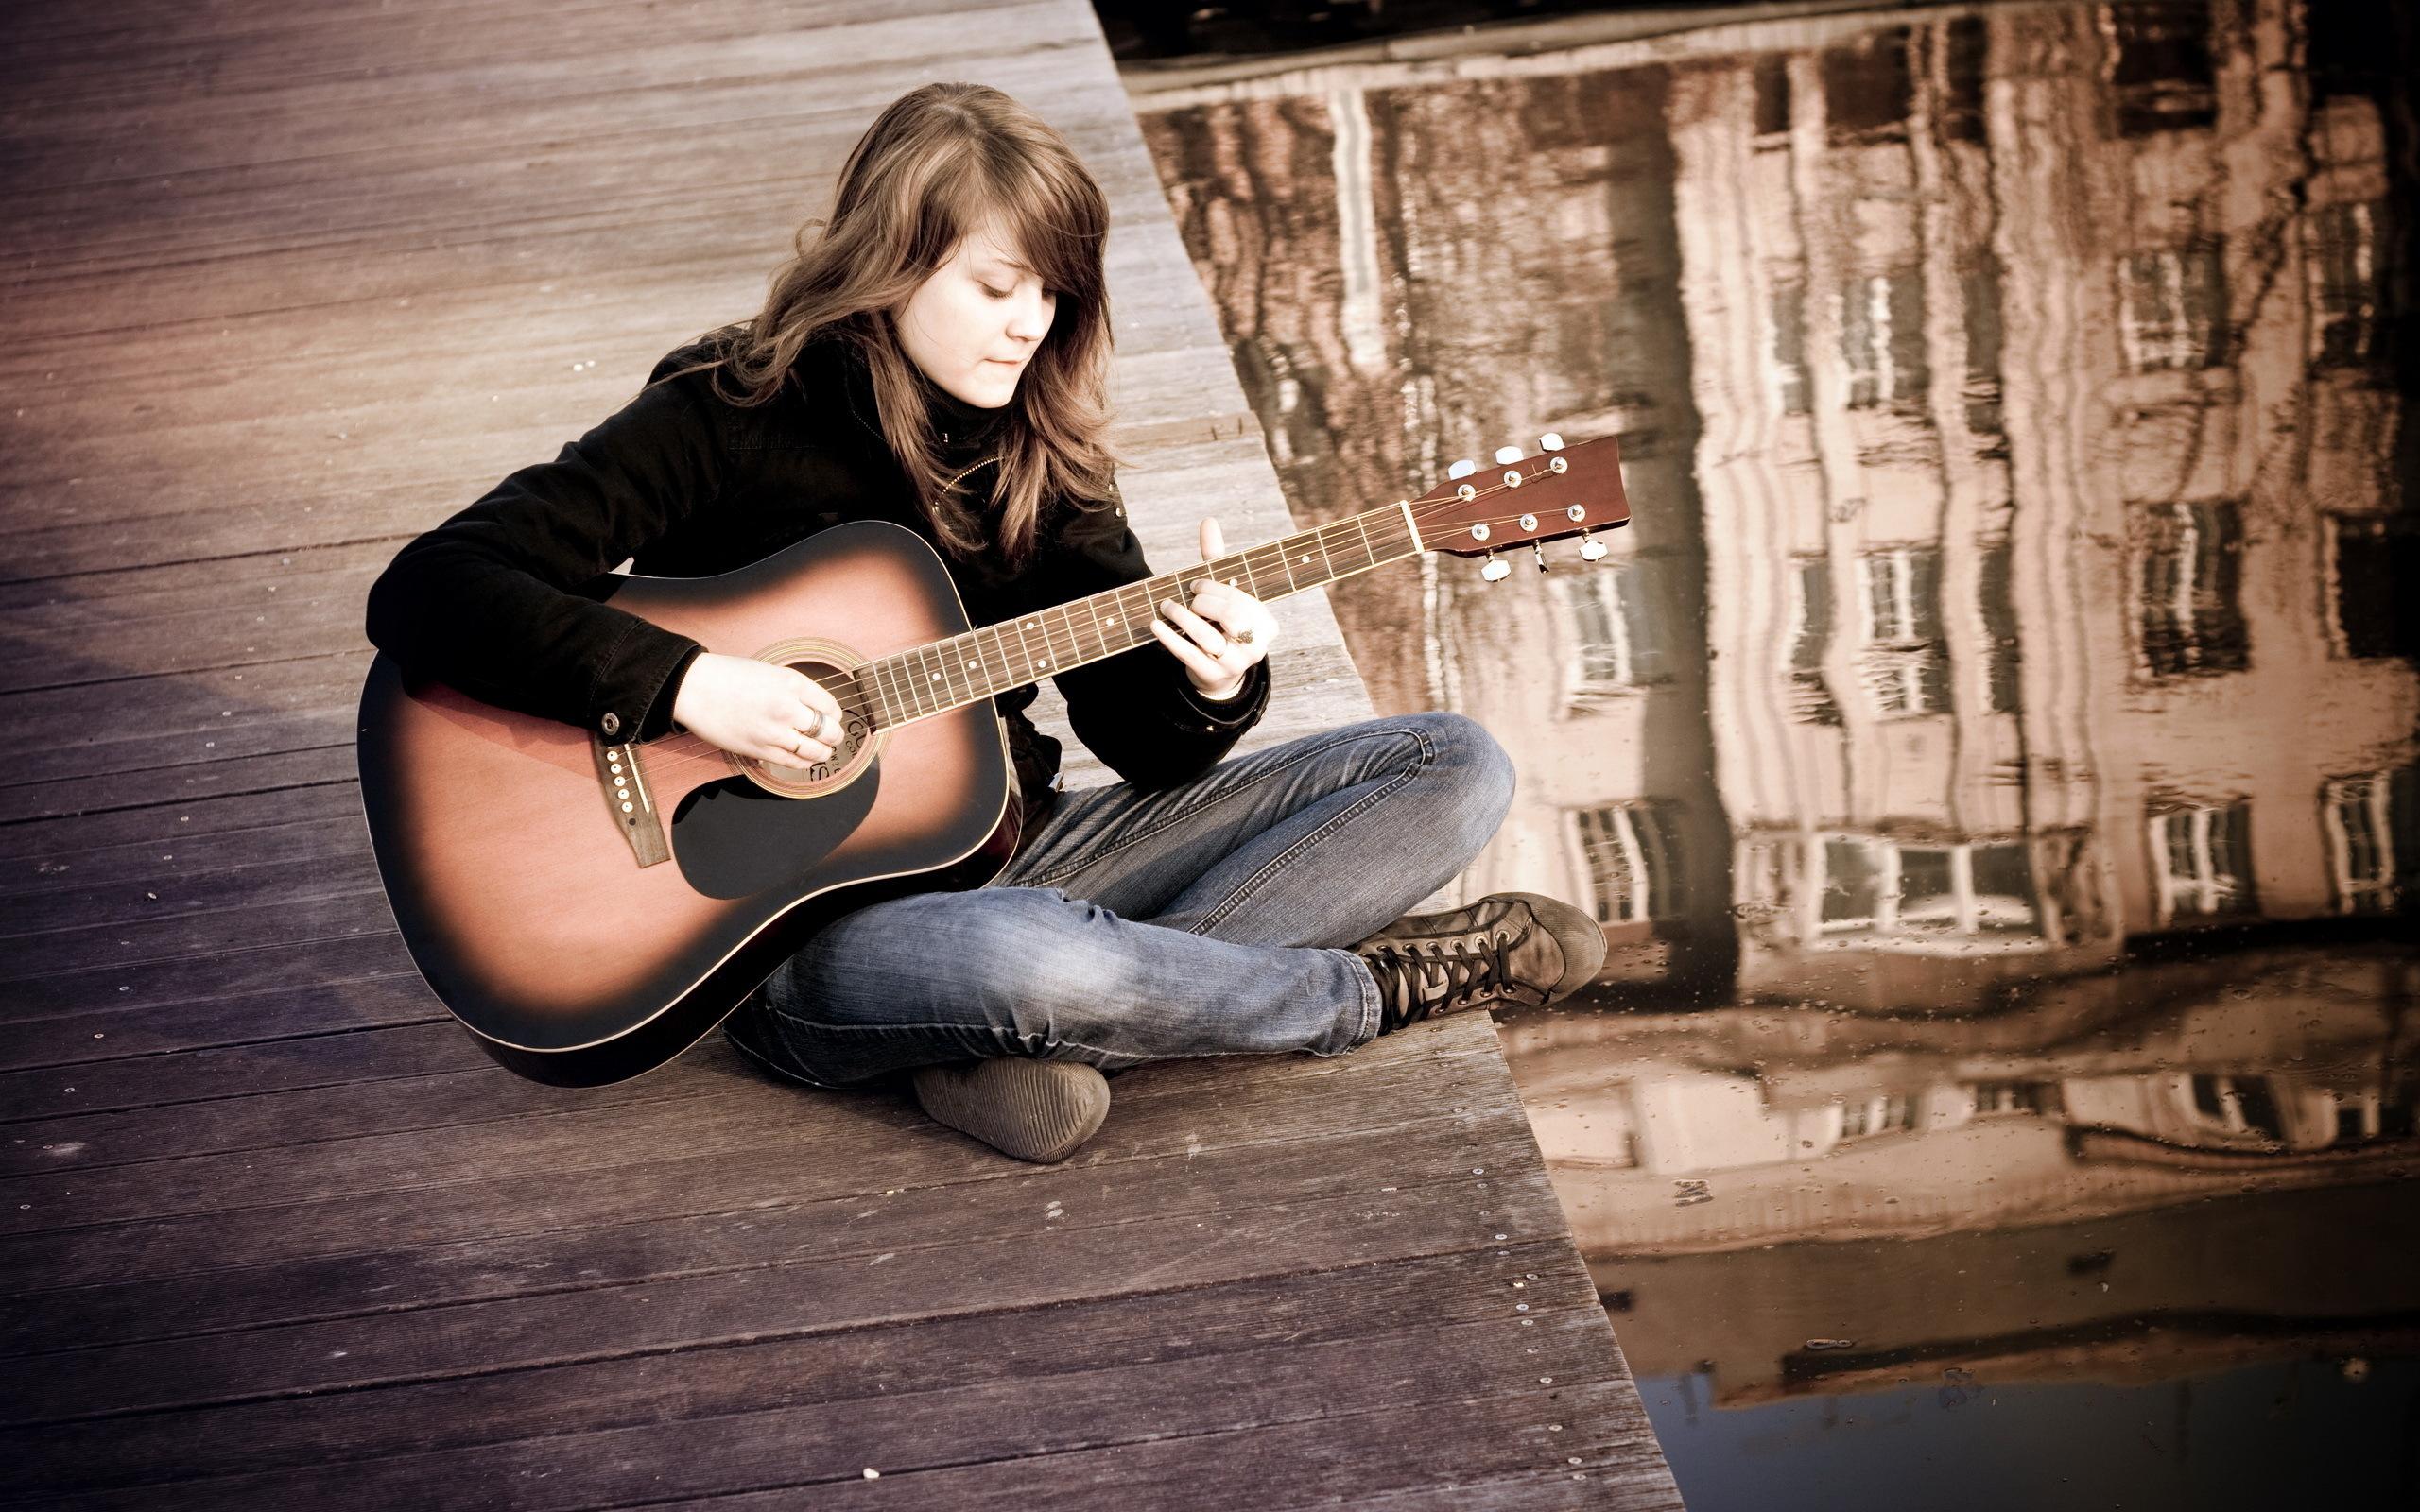 девушка с гитарой на площади загрузить